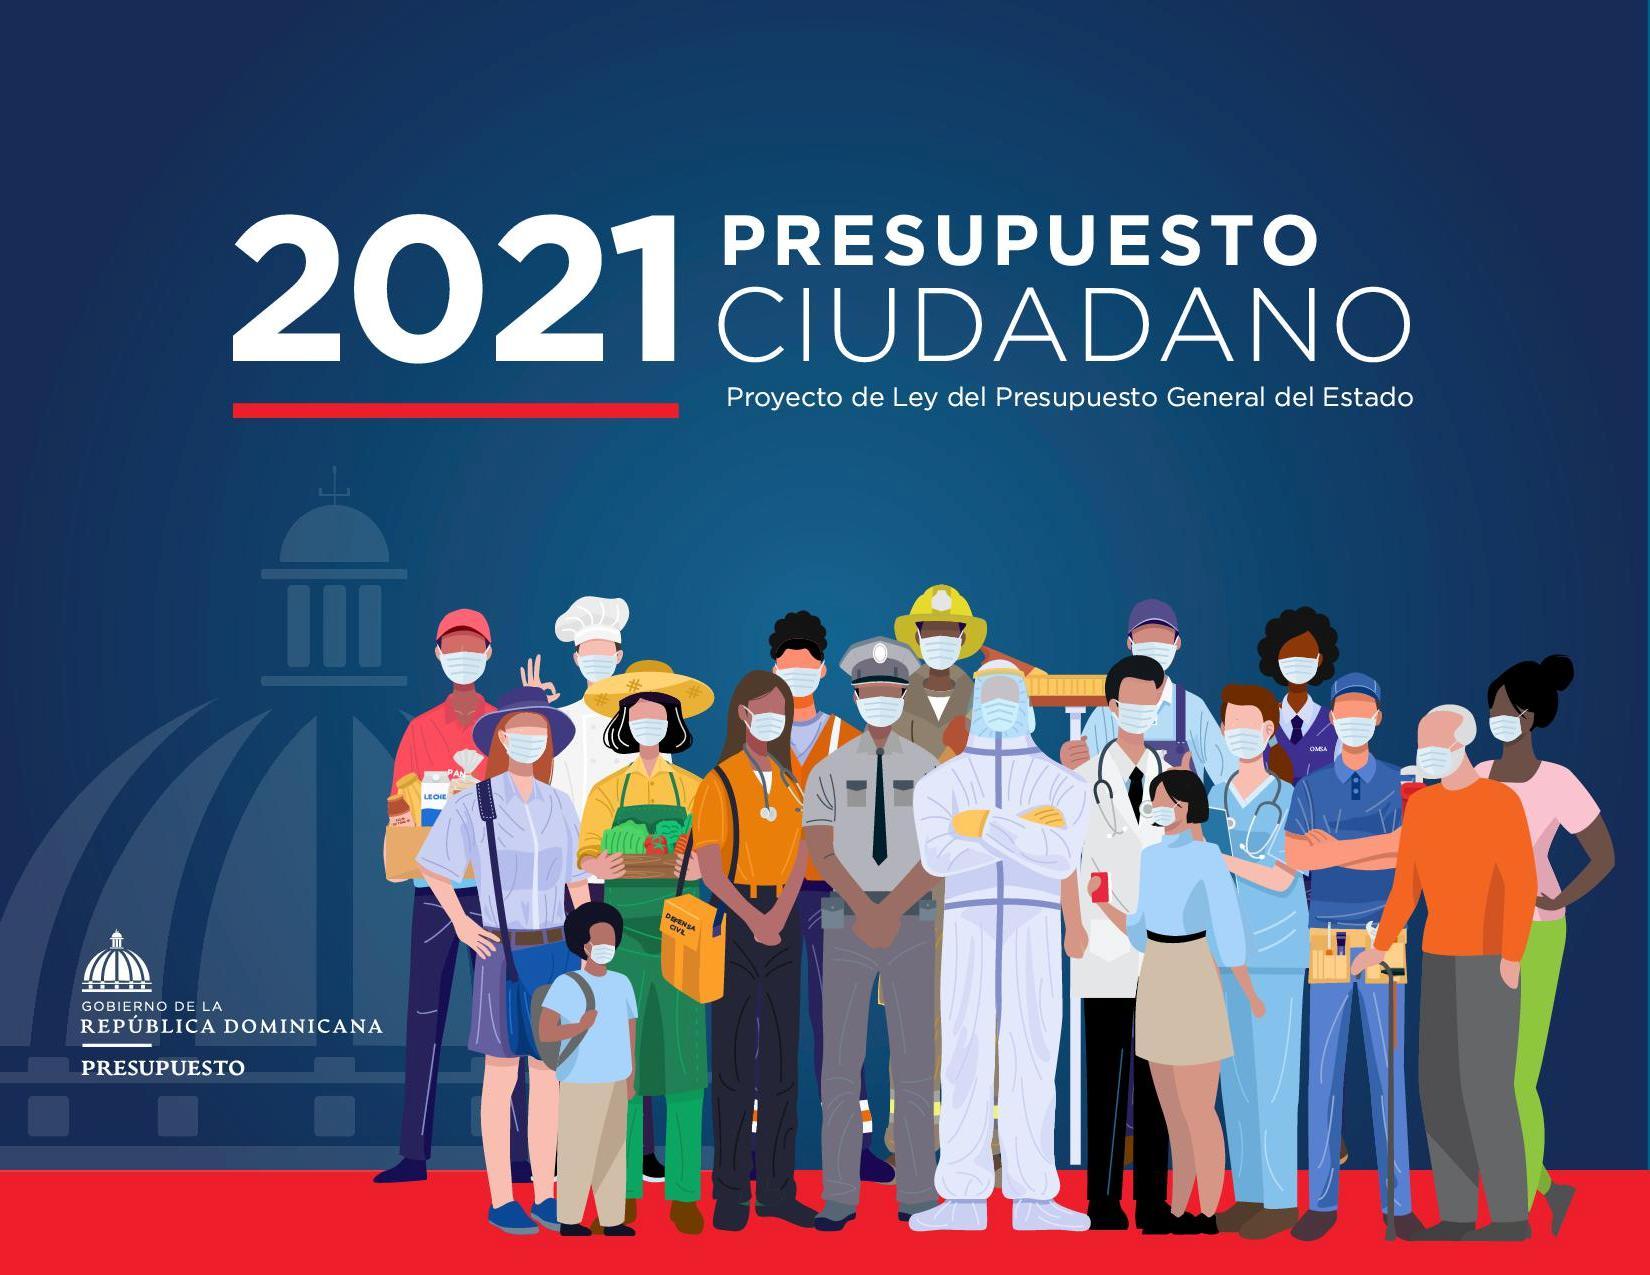 DIGEPRES da a conocer el Presupuesto General del Estado 2021